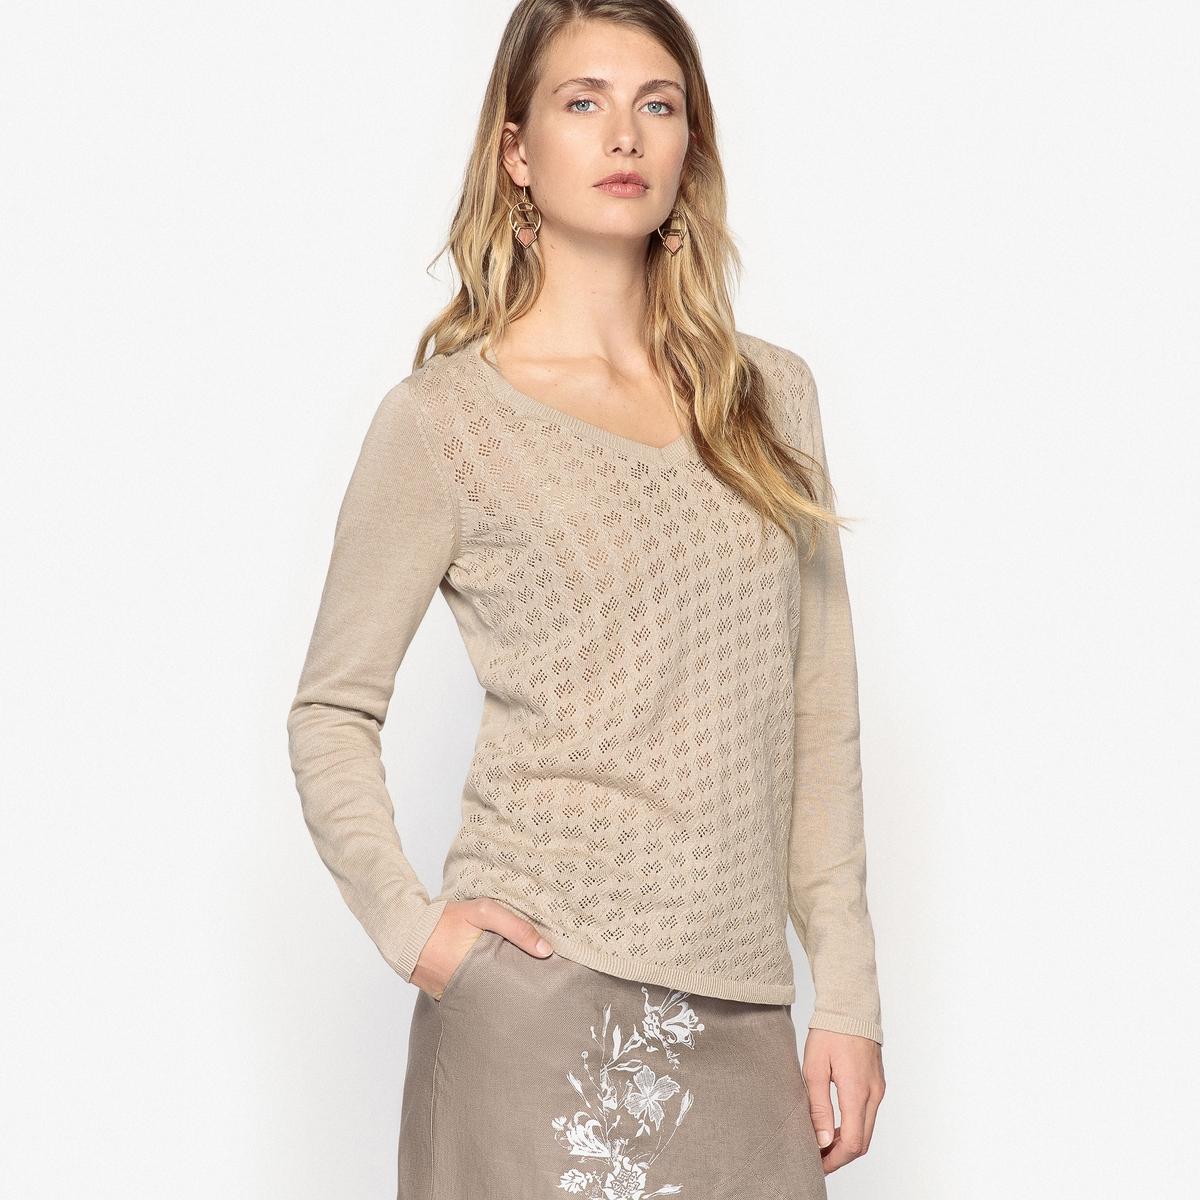 Пуловер с V-образным вырезом из льна и хлопка пуловер с круглым вырезом из хлопка и льна